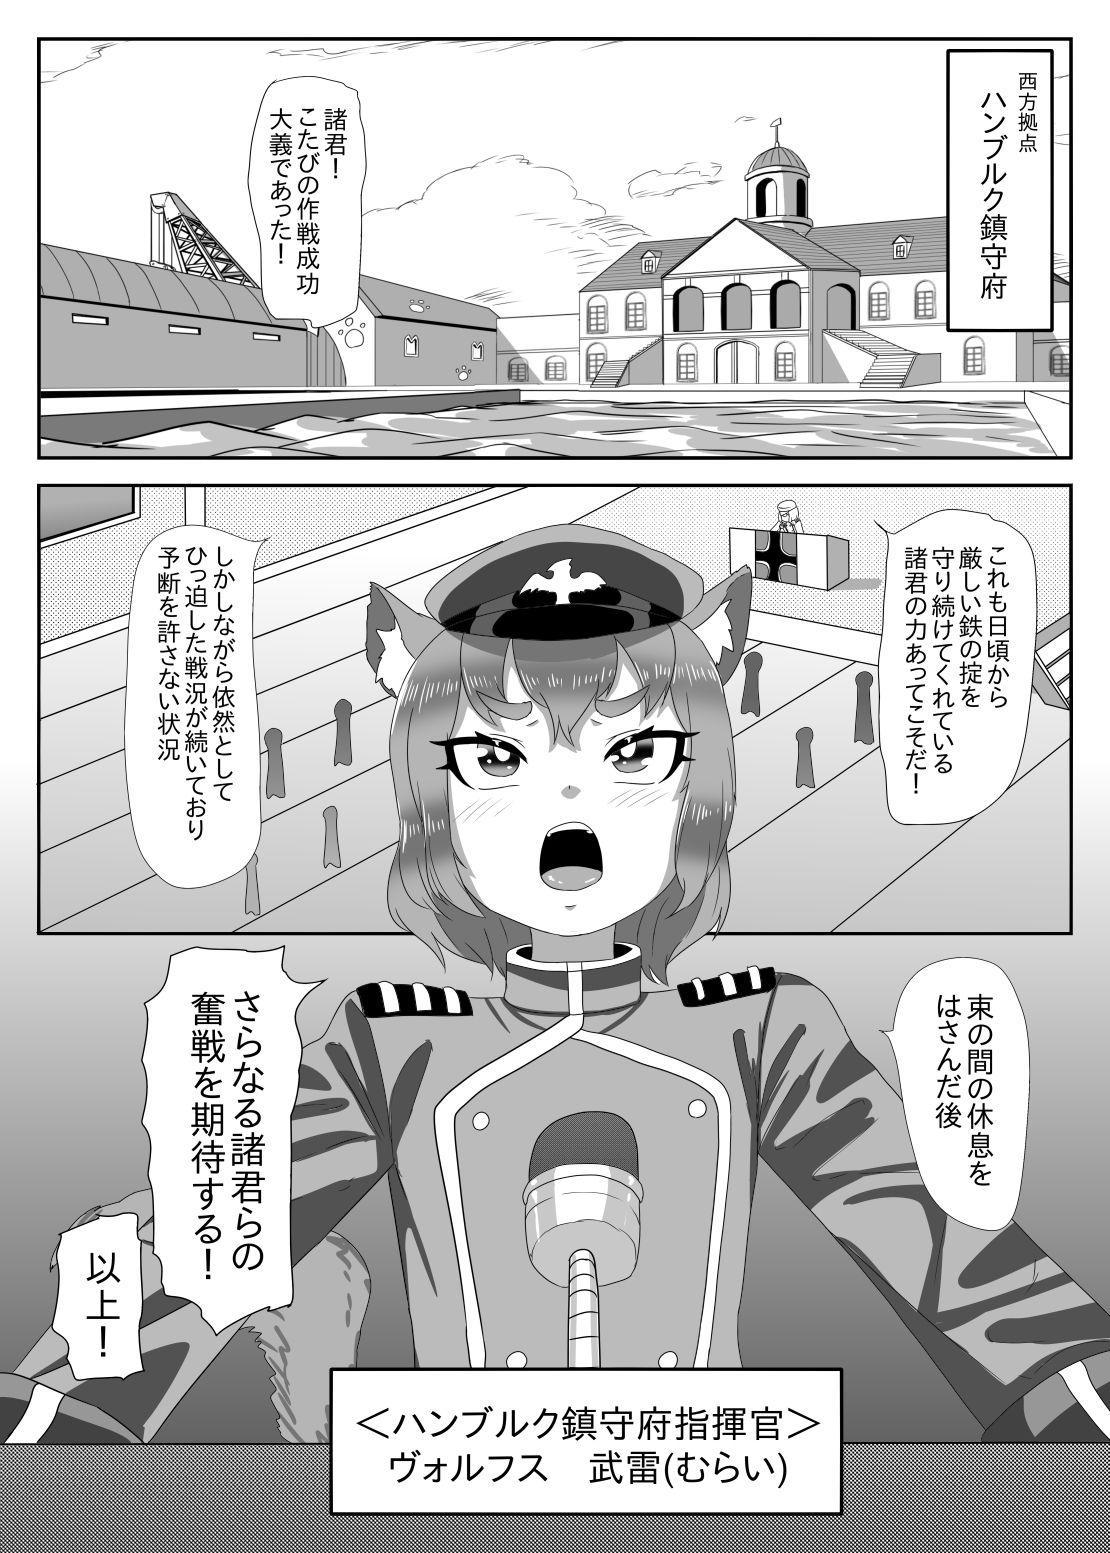 ふたなり艦隊と男の娘指揮官~フリードリ●はバブみが深い?~ 1